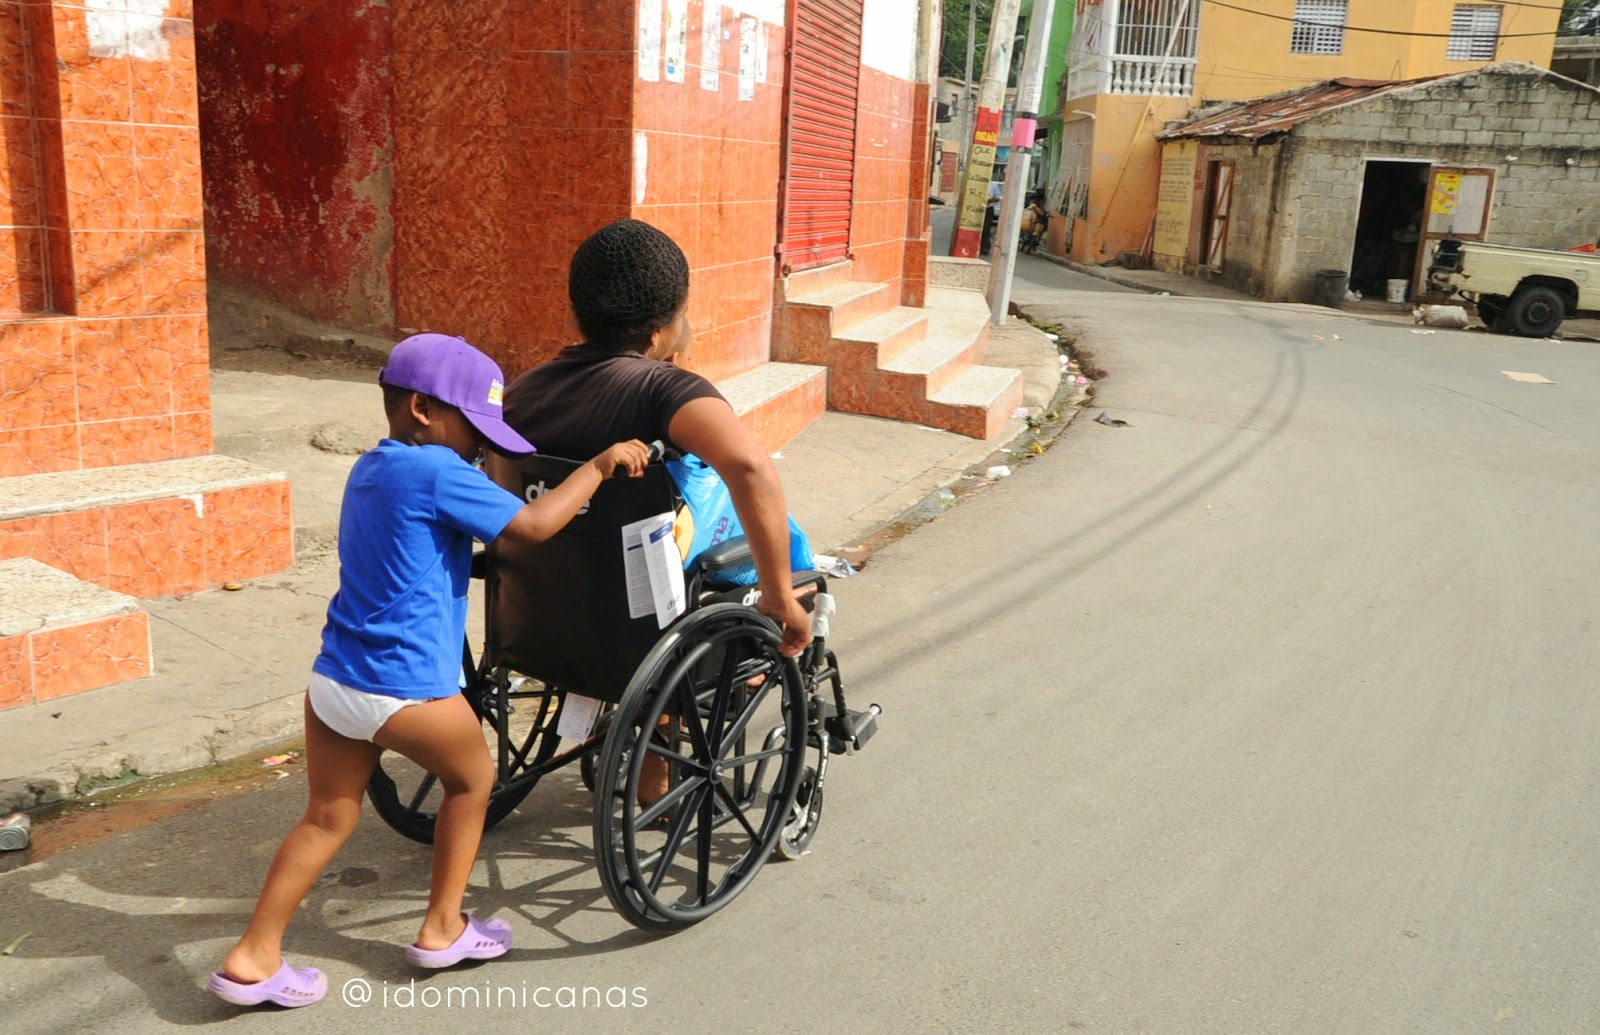 Imagenes dominicanas - Silla de ruedas ninos ...